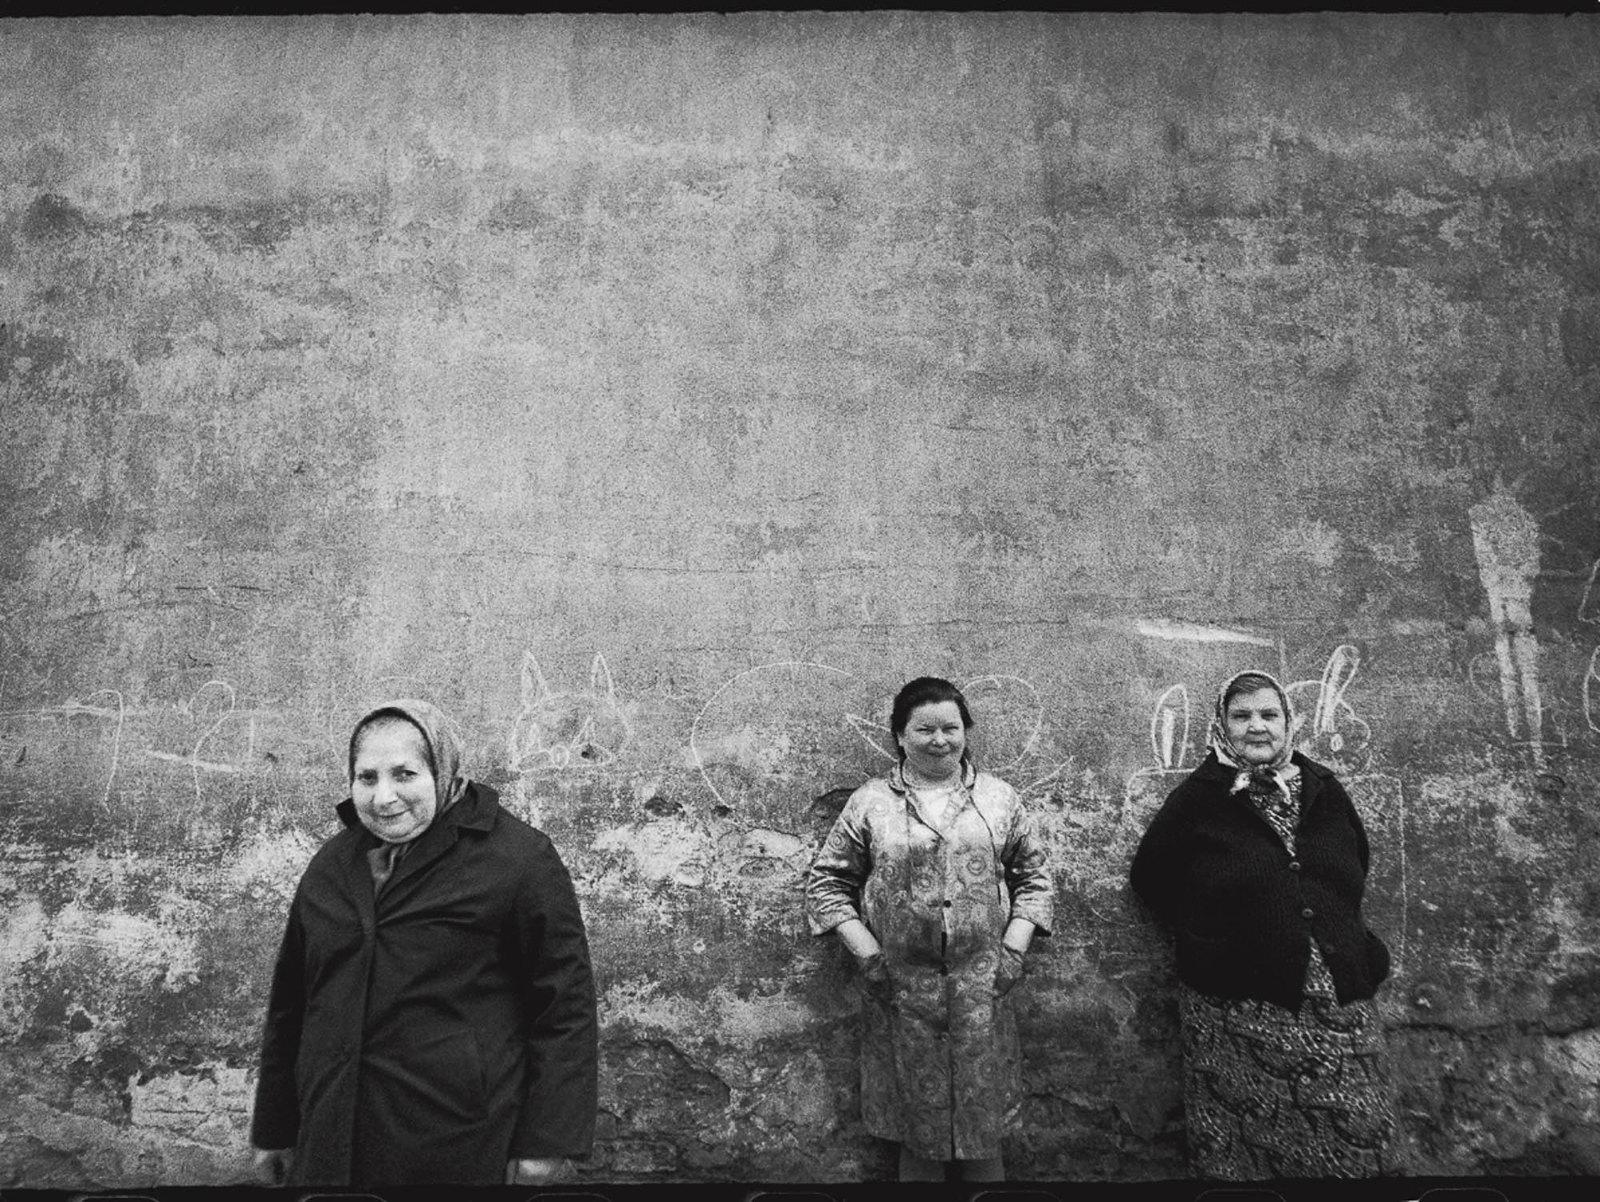 1968. Вильнюс. Жители старого города. Орлий. (2)